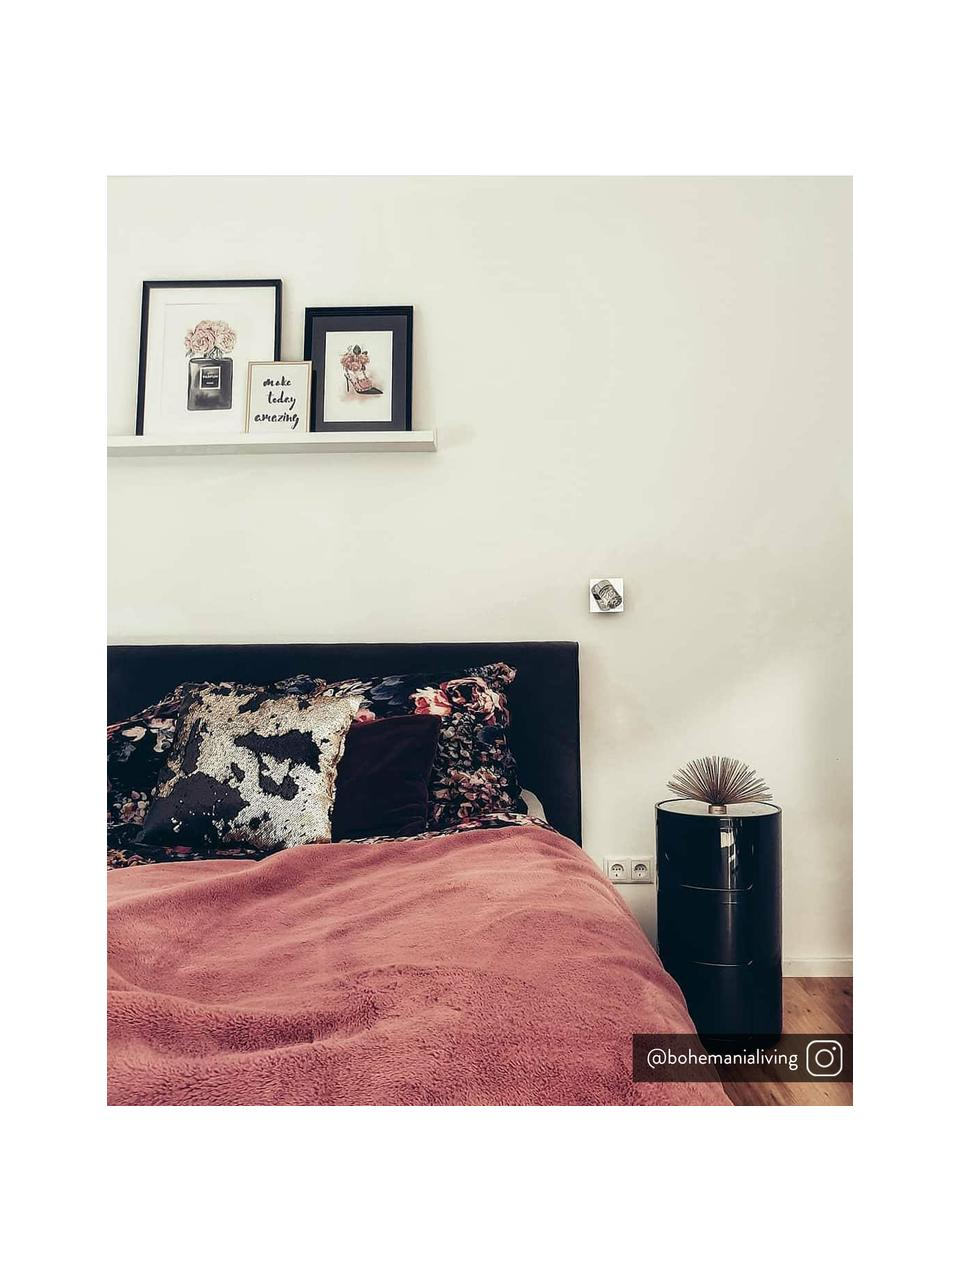 Stolik pomocniczy Componibile, Tworzywo sztuczne (ABS), lakierowane, Czarny, błyszczący, Ø 32 x W 59 cm